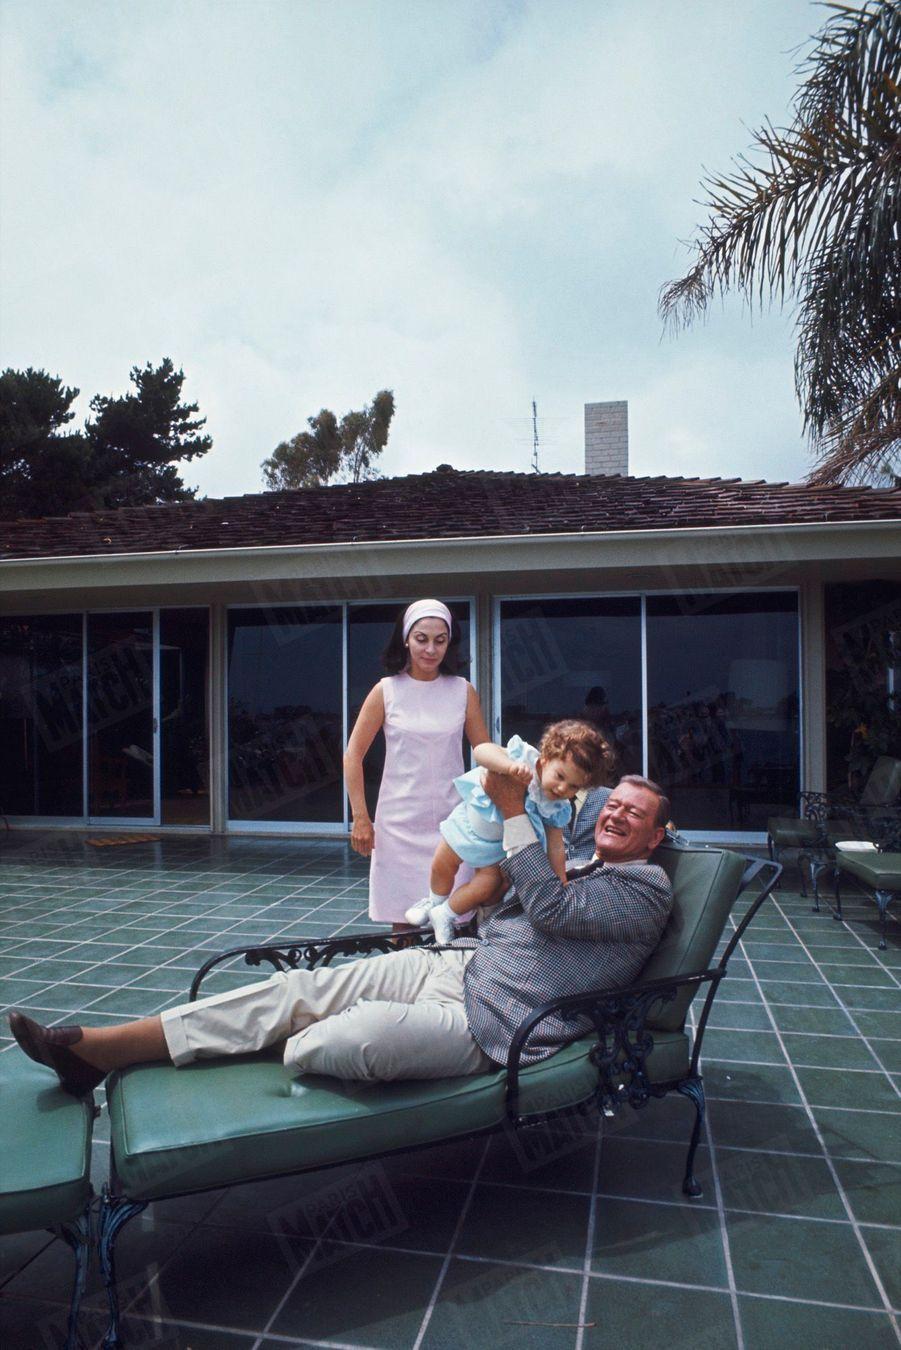 """« """"L'Homme tranquille"""", sur la terrasse de sa maison de Newport. A ses côtés, sa femme Pilar, une comédienne péruvienne, et la dernière-née de ses sept enfants : Marisa, quinze mois. » - Paris Match n°951, 1er juillet 1967."""